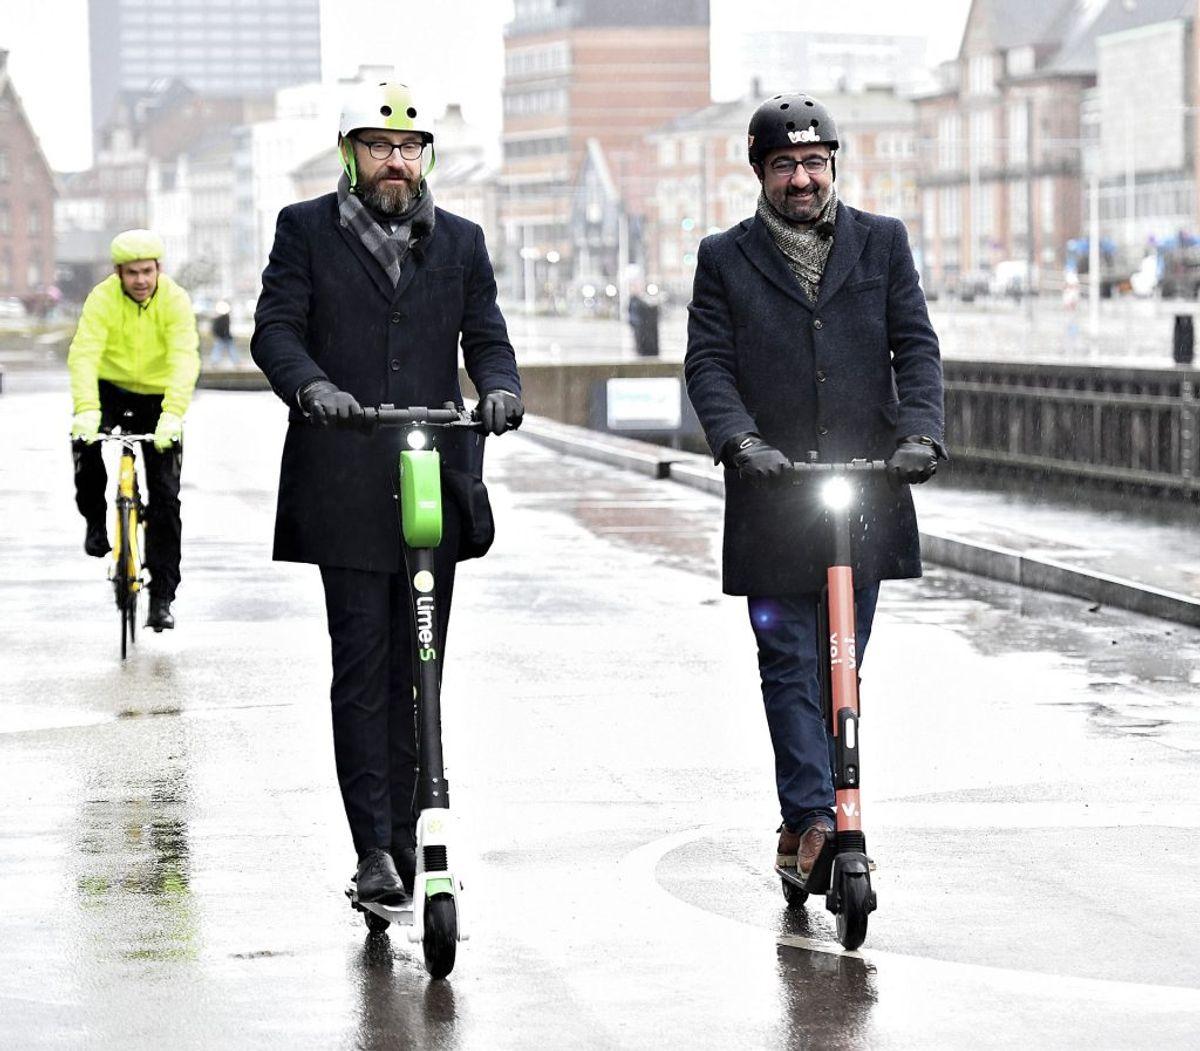 De elektriske løbehjul blev – som forsøg – gjort lovlige herhjemme den 17. januar. KLIK VIDERE OG SE, HVAD DER GÆLDER AF REGLER FOR DE NYE TRANSPORTMIDLER.. (Foto: Ernst van Norde/Scanpix)